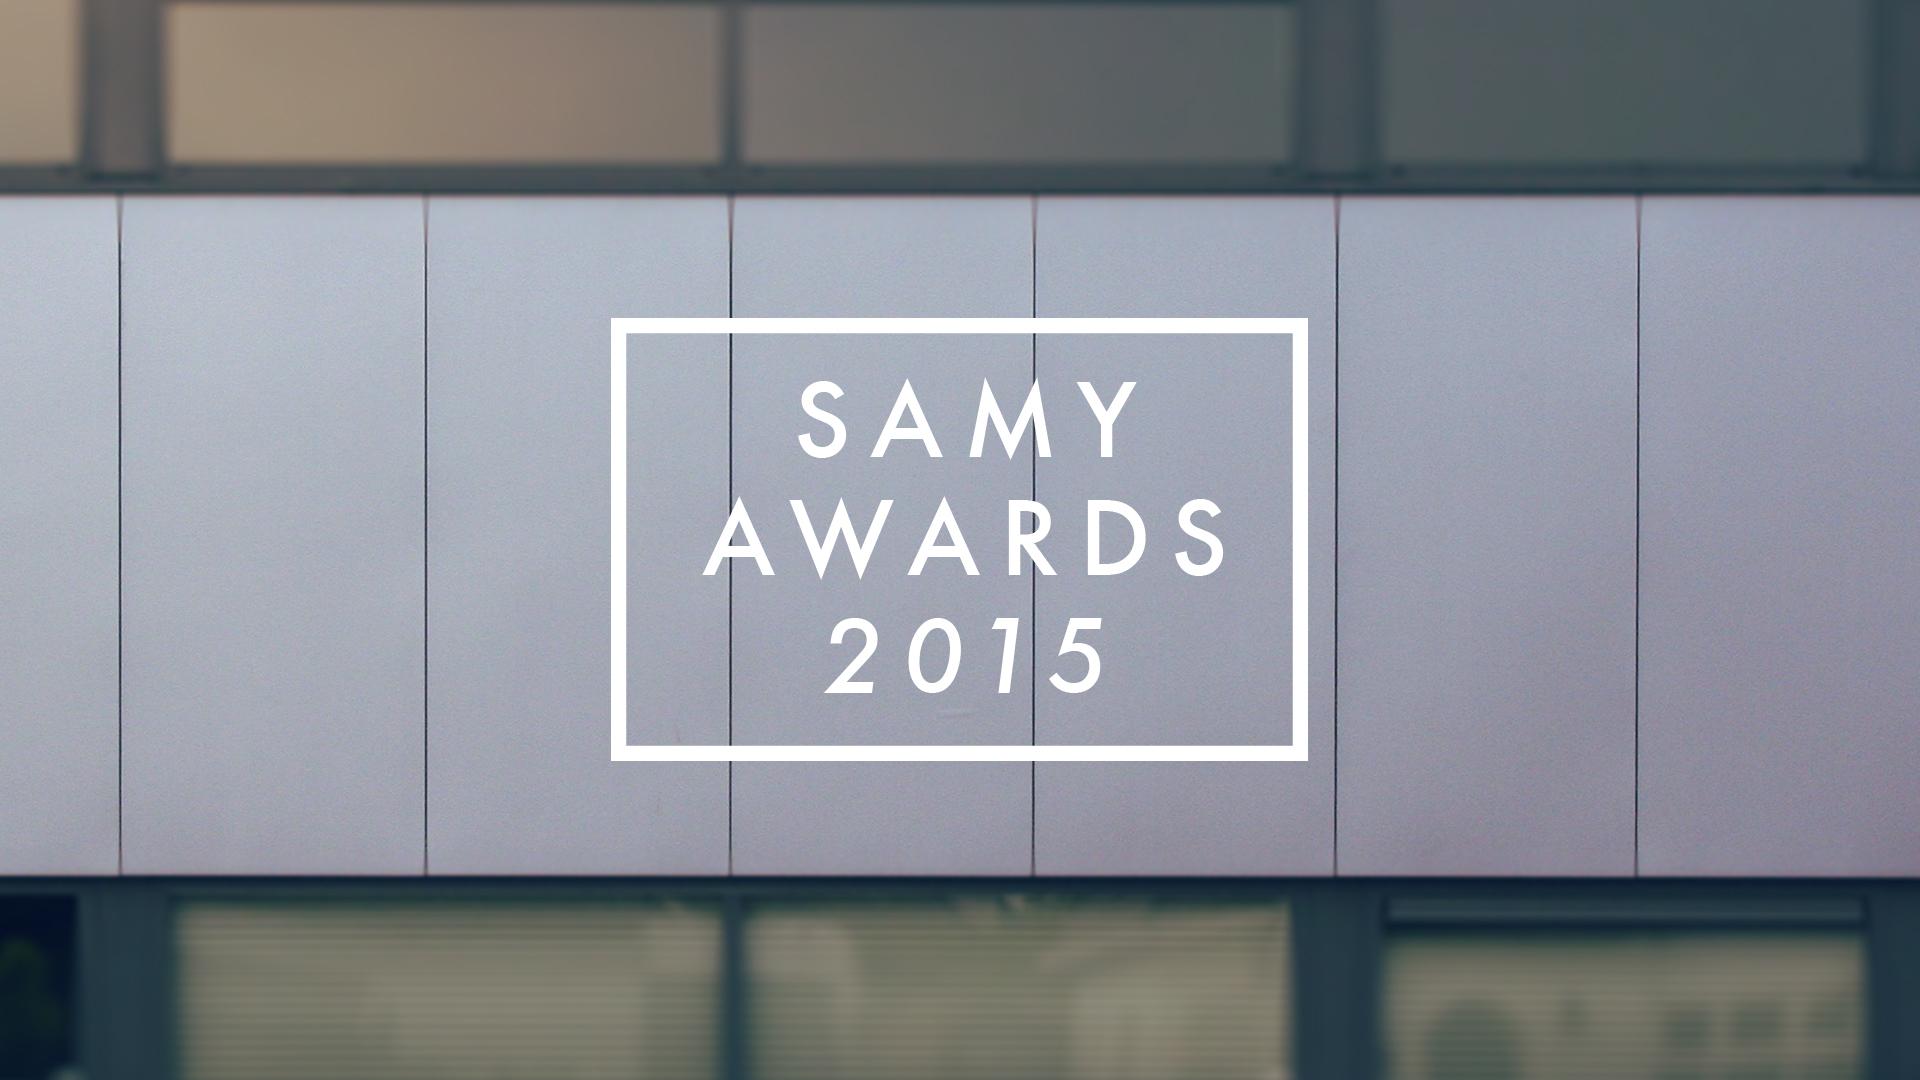 SAMY_lockup_04.jpg